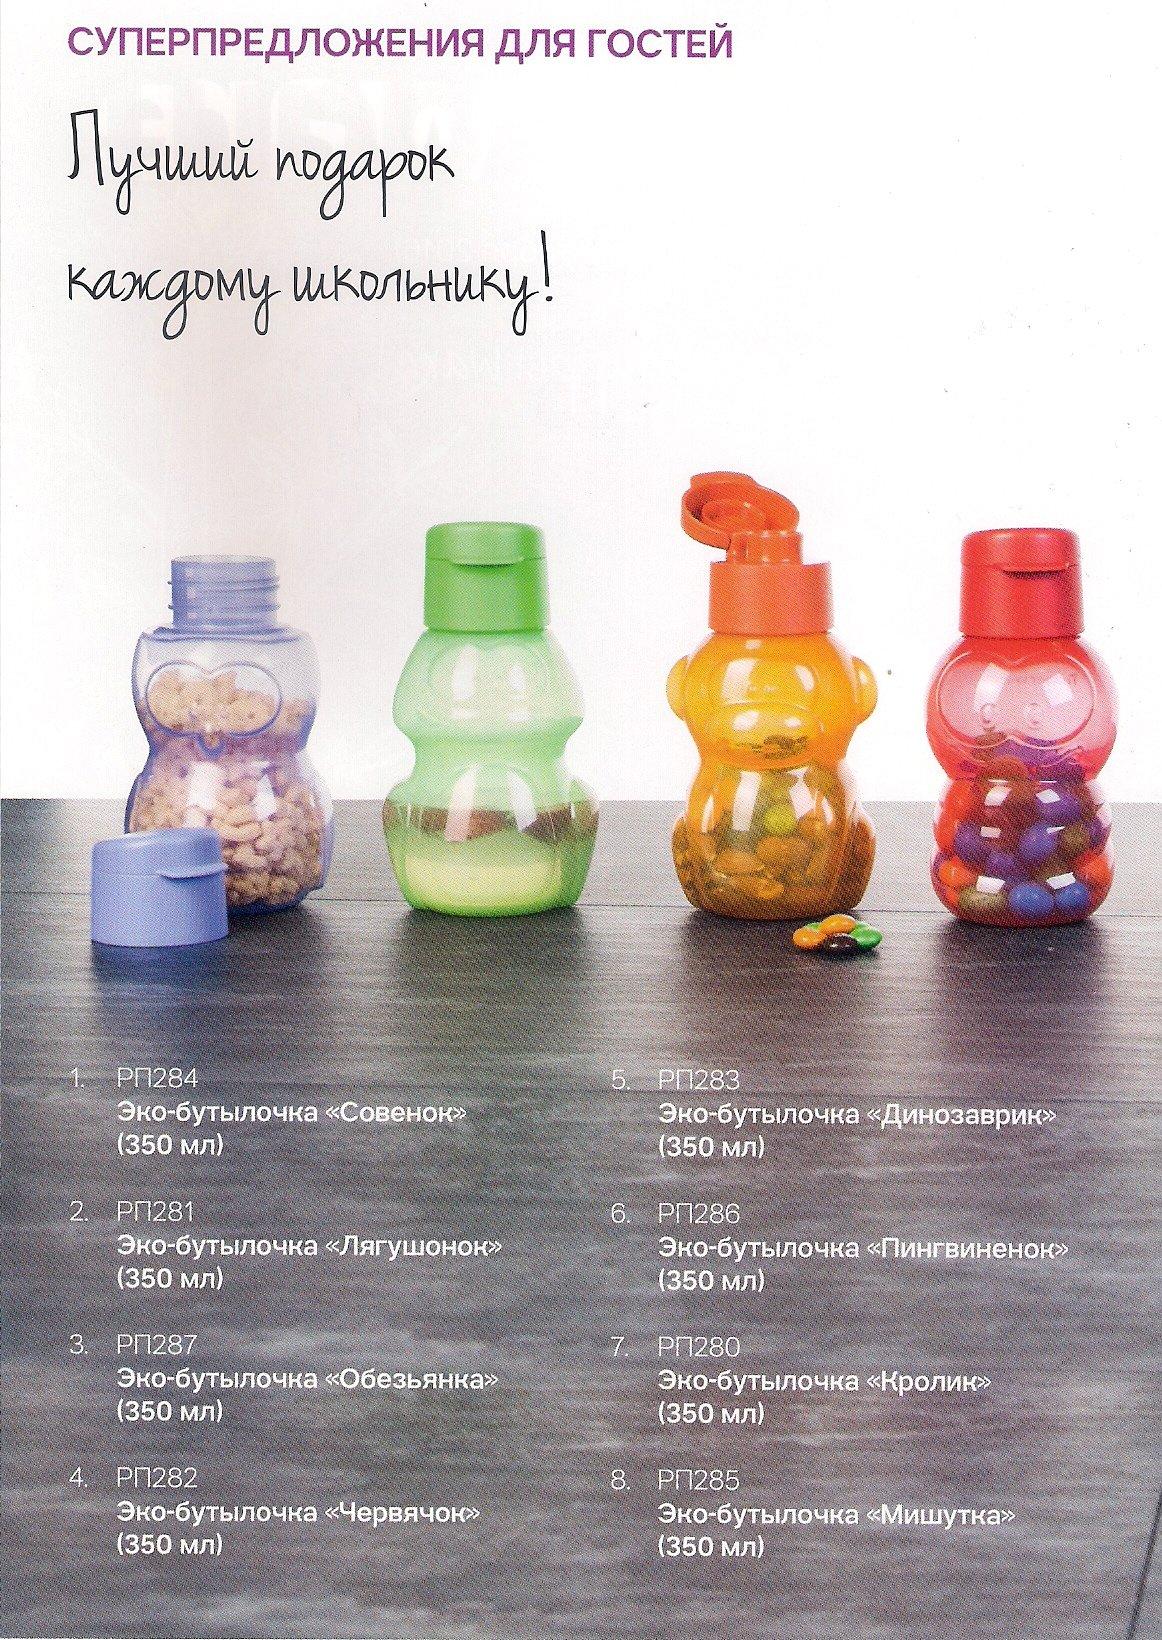 http://tupperware-online.ru/images/upload/2b.jpg